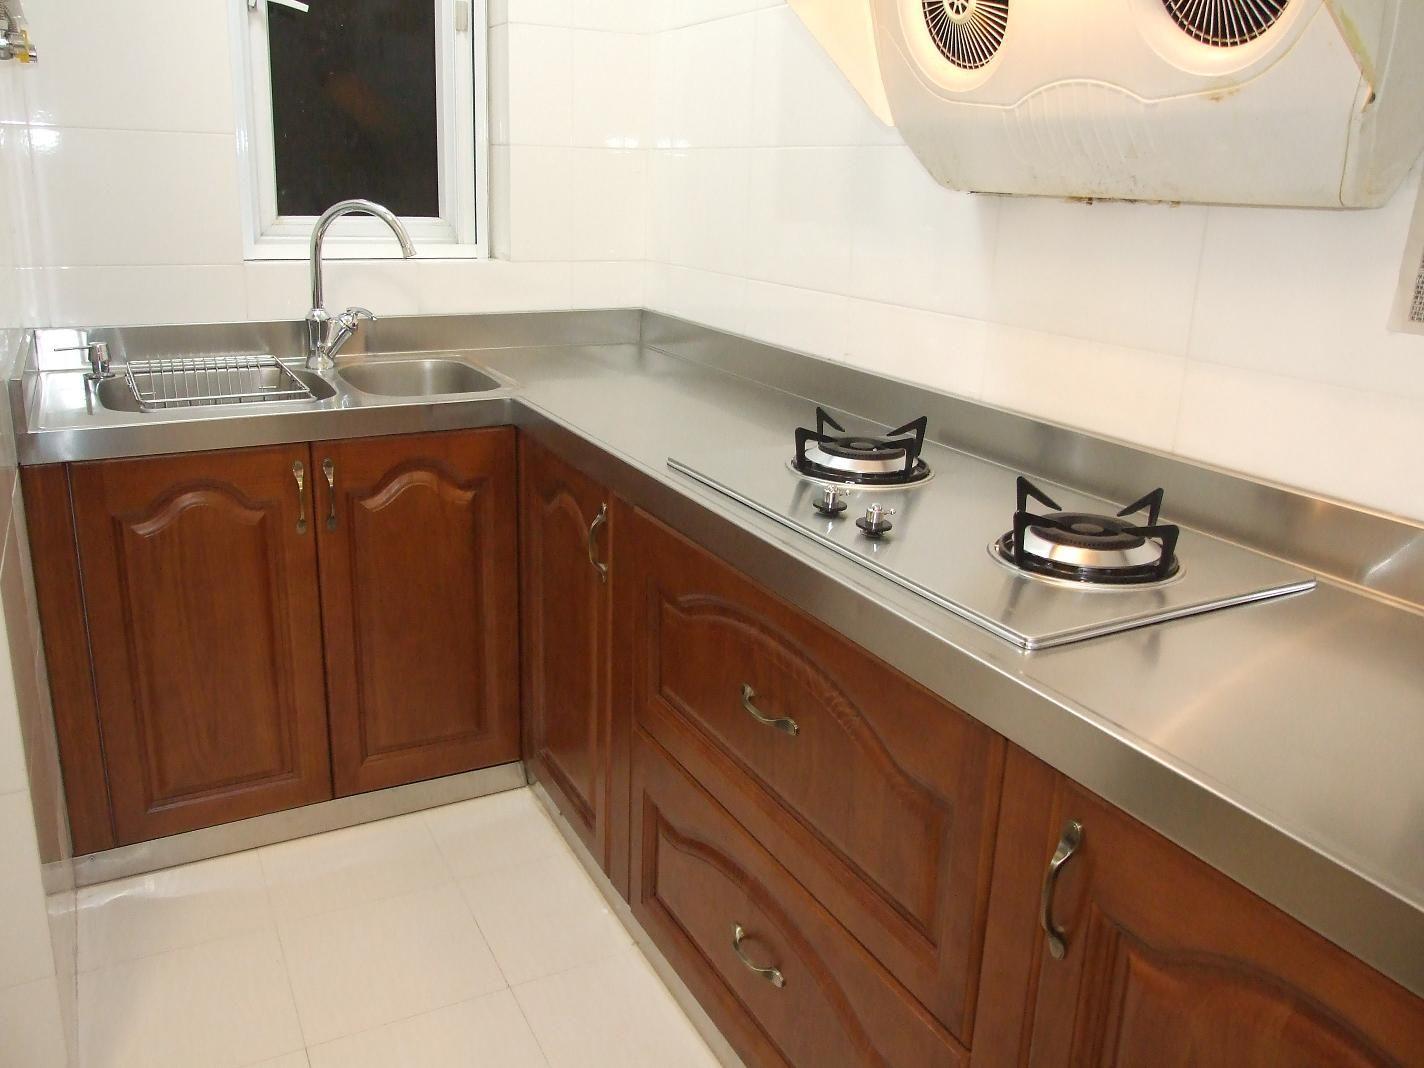 厨房不锈钢台面价格_苏州不锈钢台面、不锈钢台面、厨房台面 - 亿傢鸽 - 九正建材网